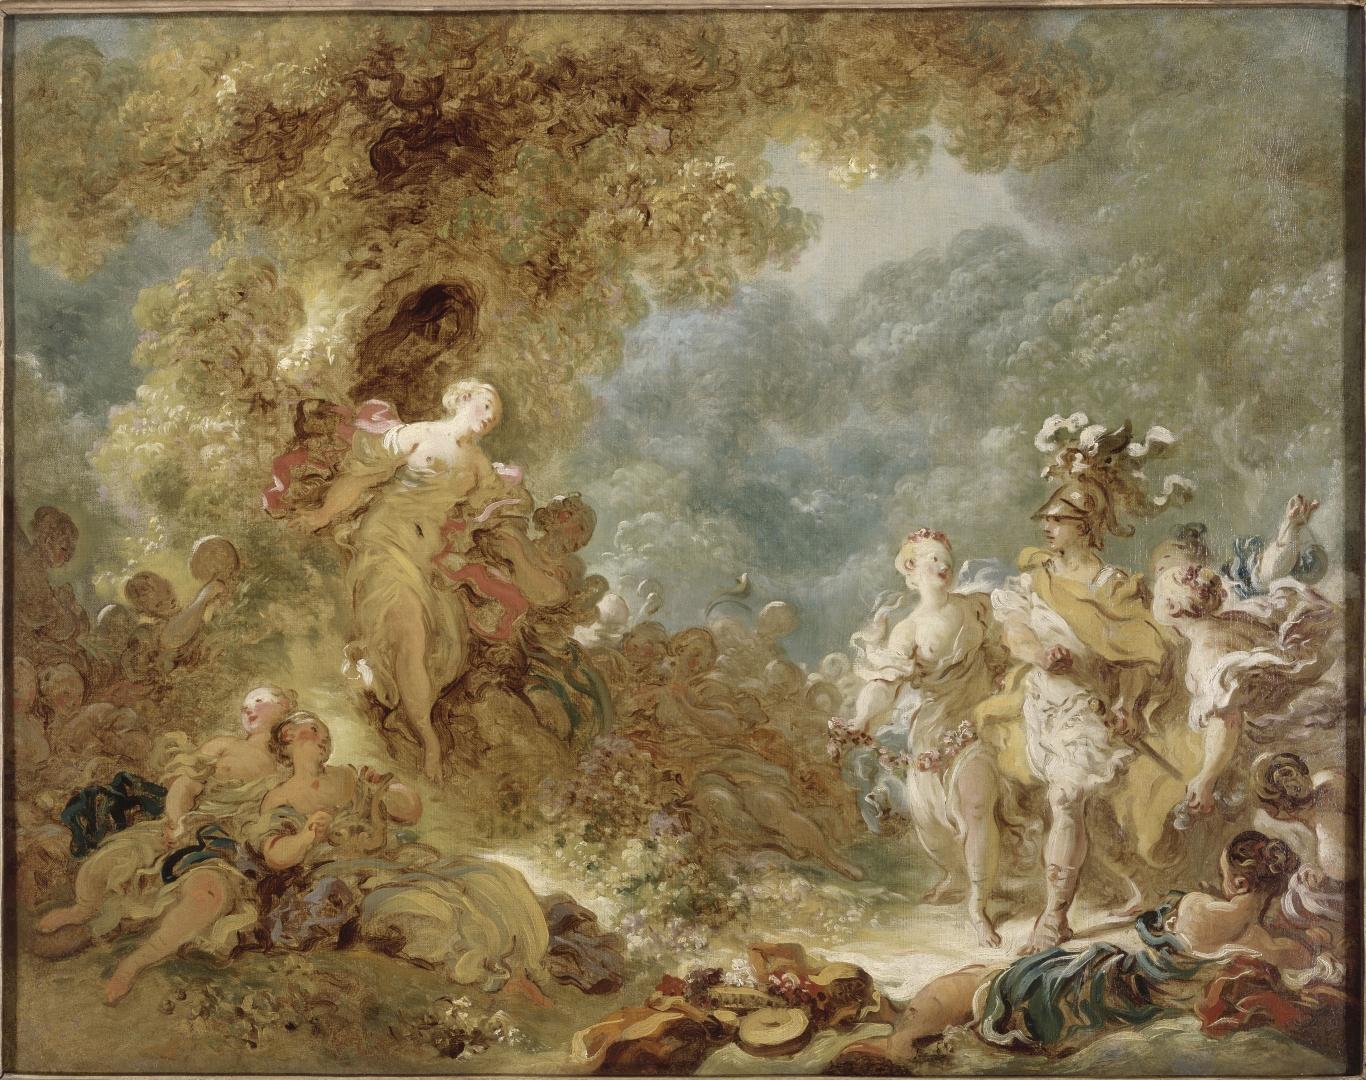 尚—奧諾雷.弗拉格納爾 格拉斯,1732年 ― 巴黎,1806年 雷諾多走入魔法森林 約1761–1765年 油彩布本 高:72厘米,寬:91厘米 羅浮宮博物館繪畫部